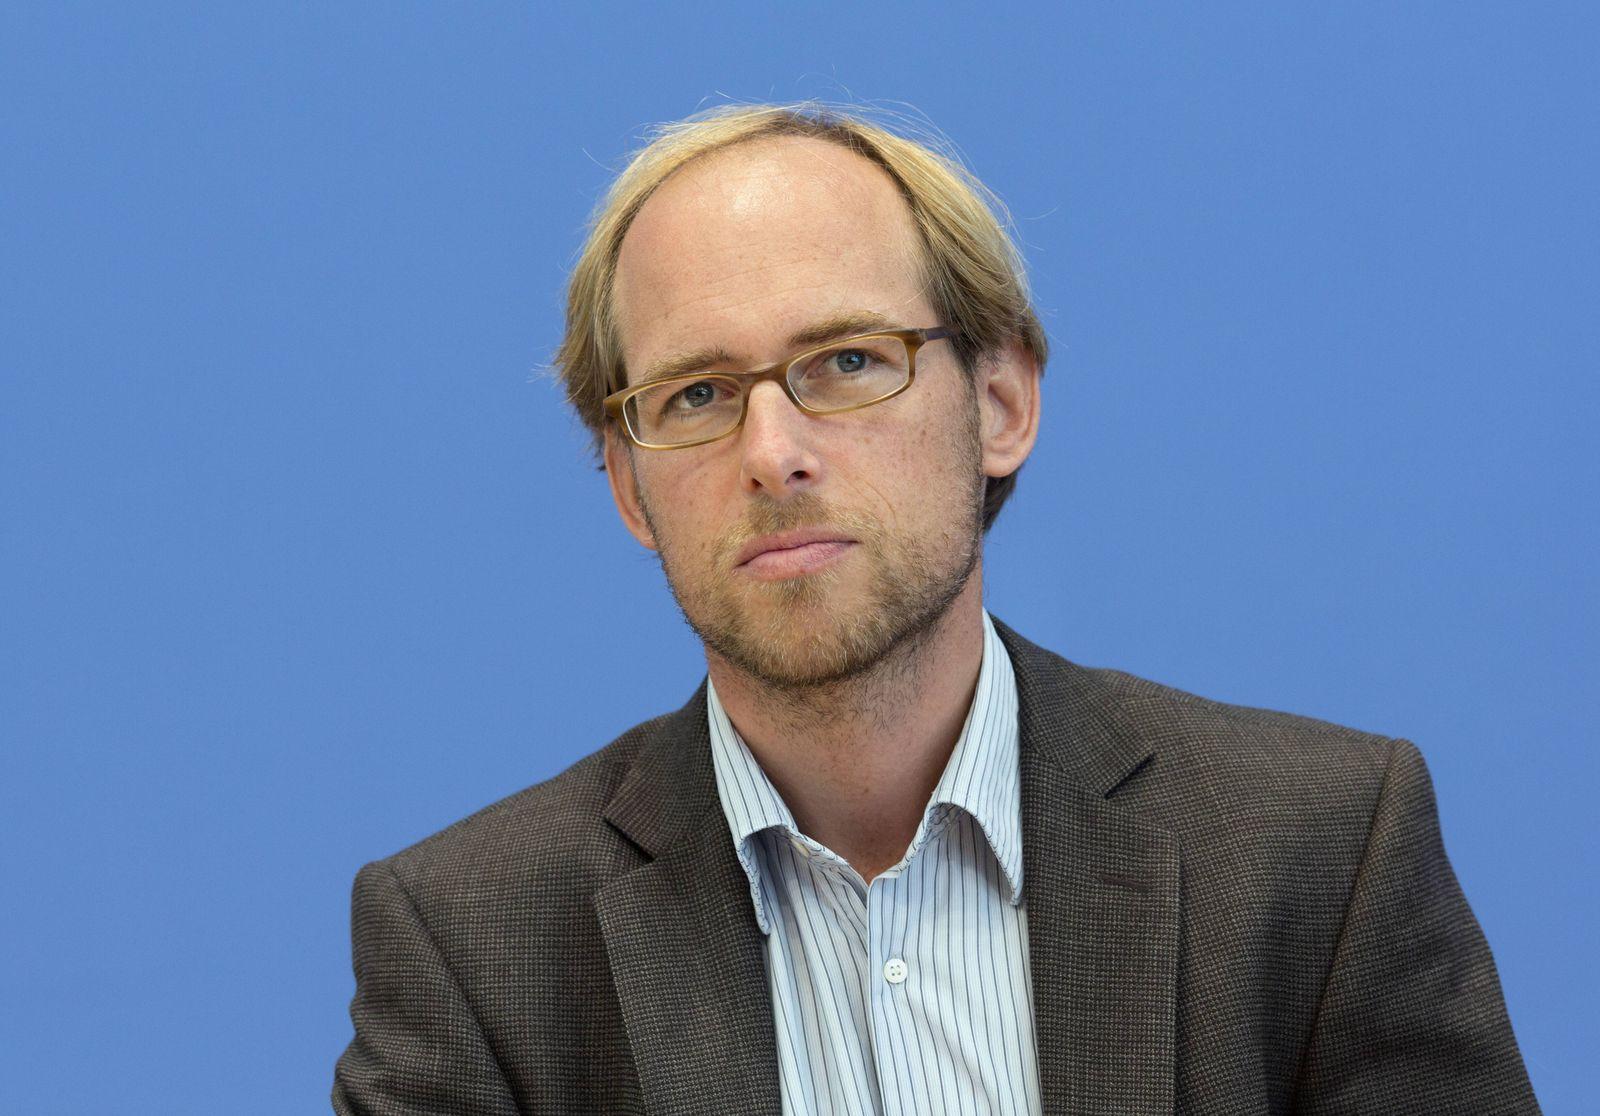 Max Gertler Mitglied des Vorstands Aerzte ohne Grenzen Berlin Deutschland PUBLICATIONxINxGERxSUIxA